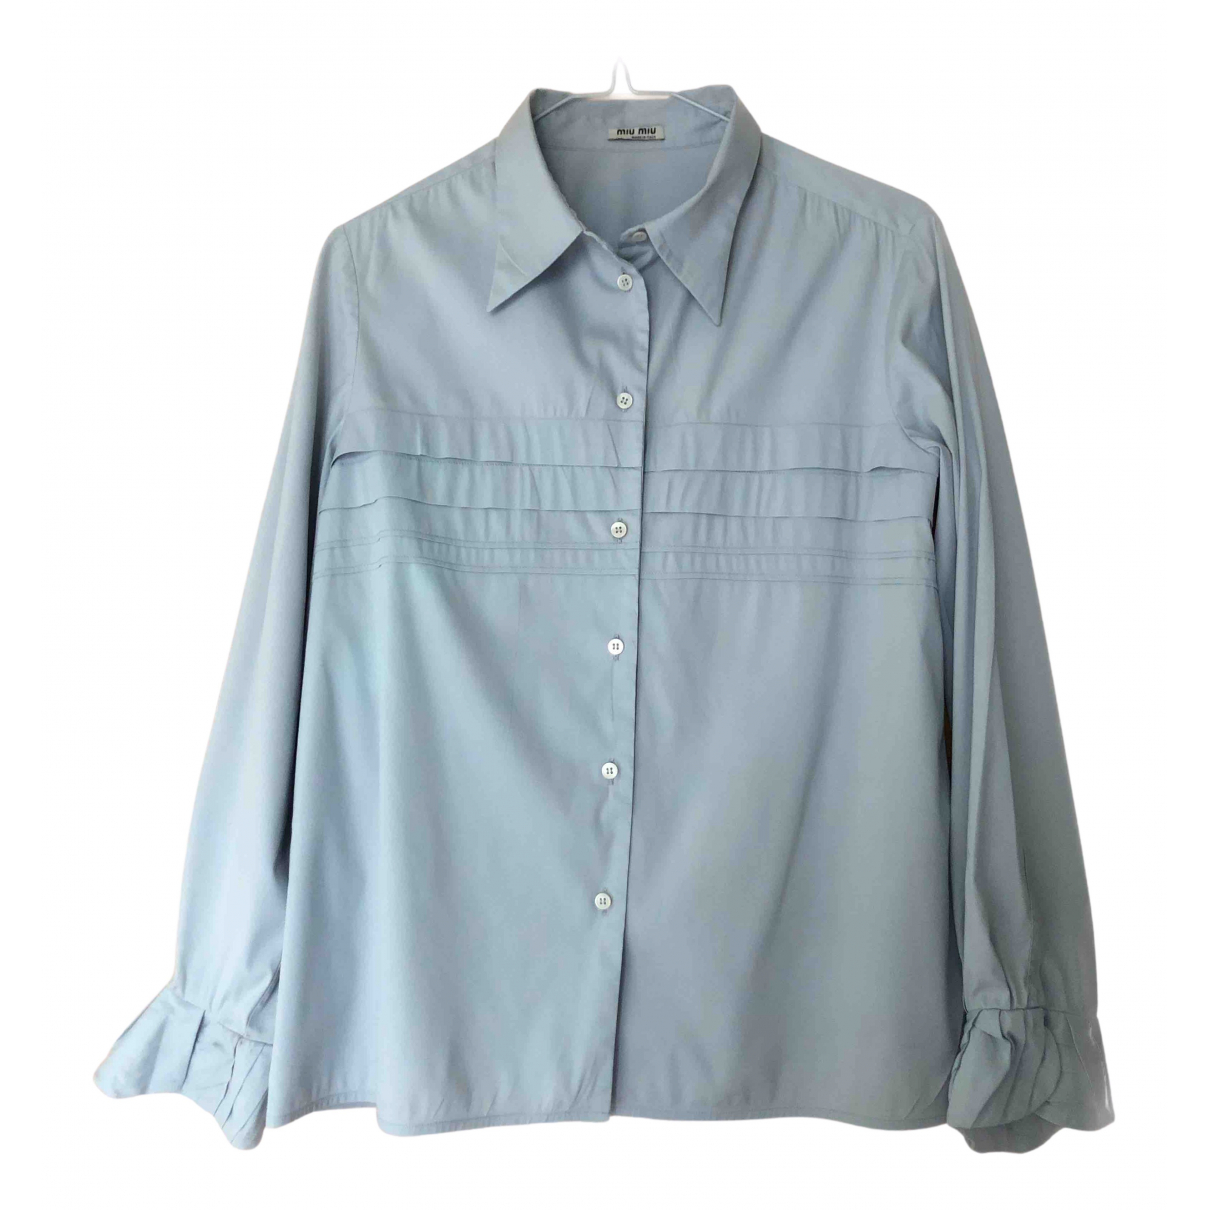 Miu Miu N Blue Cotton  top for Women 42 IT